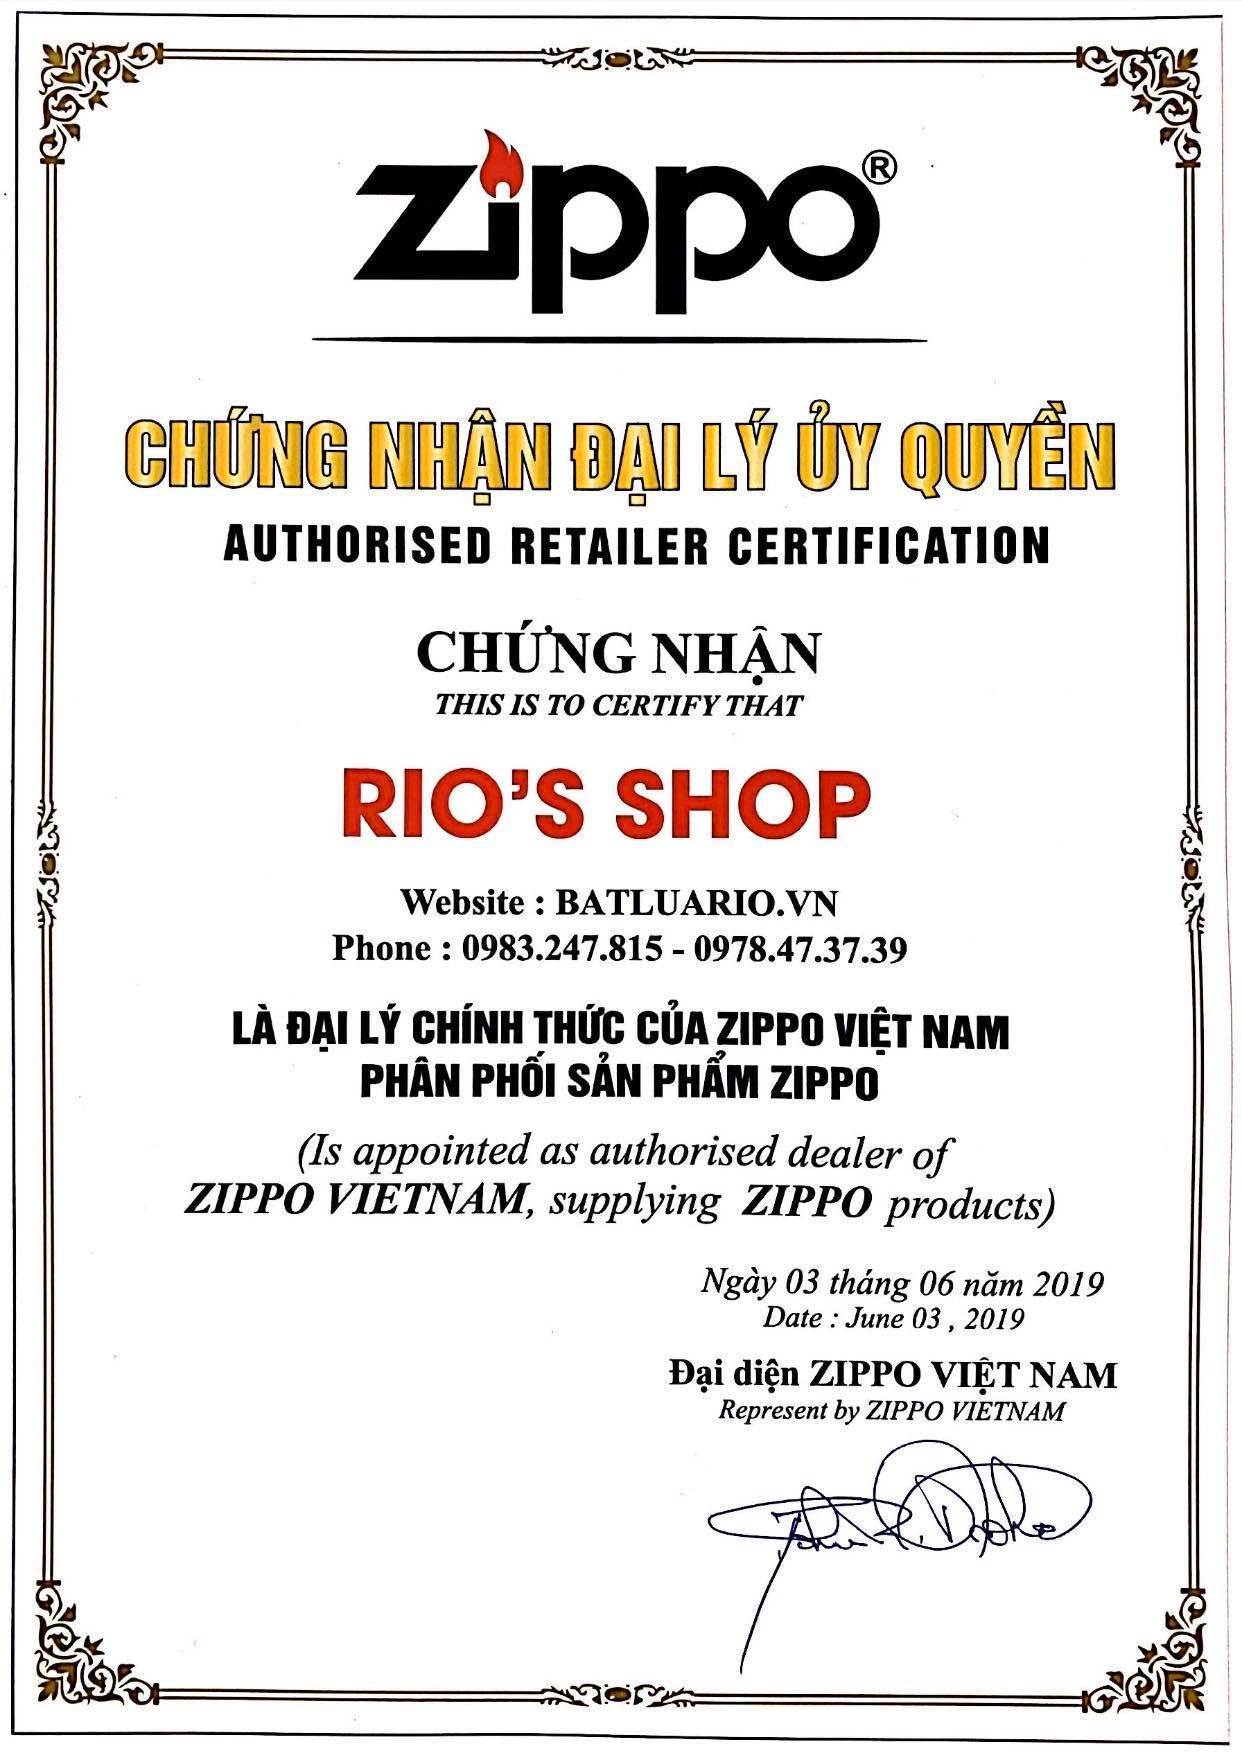 Giấy chứng nhận Đại lý Zippo chính hãng